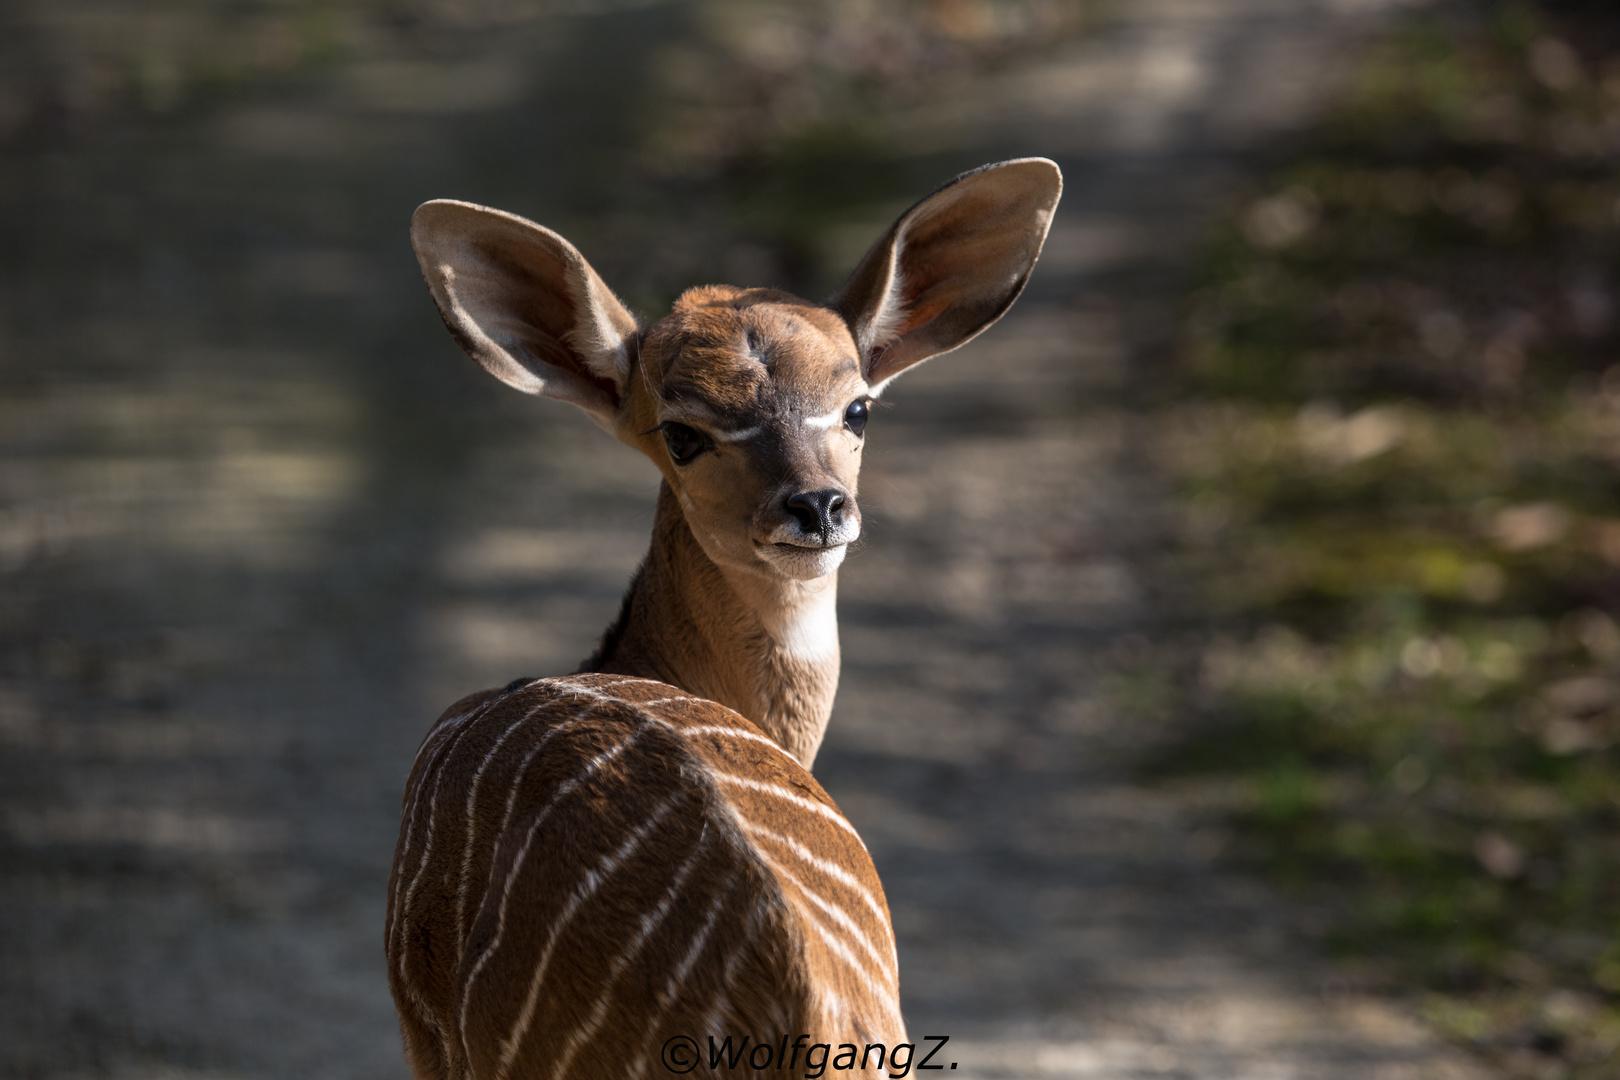 Wer hat große Ohren